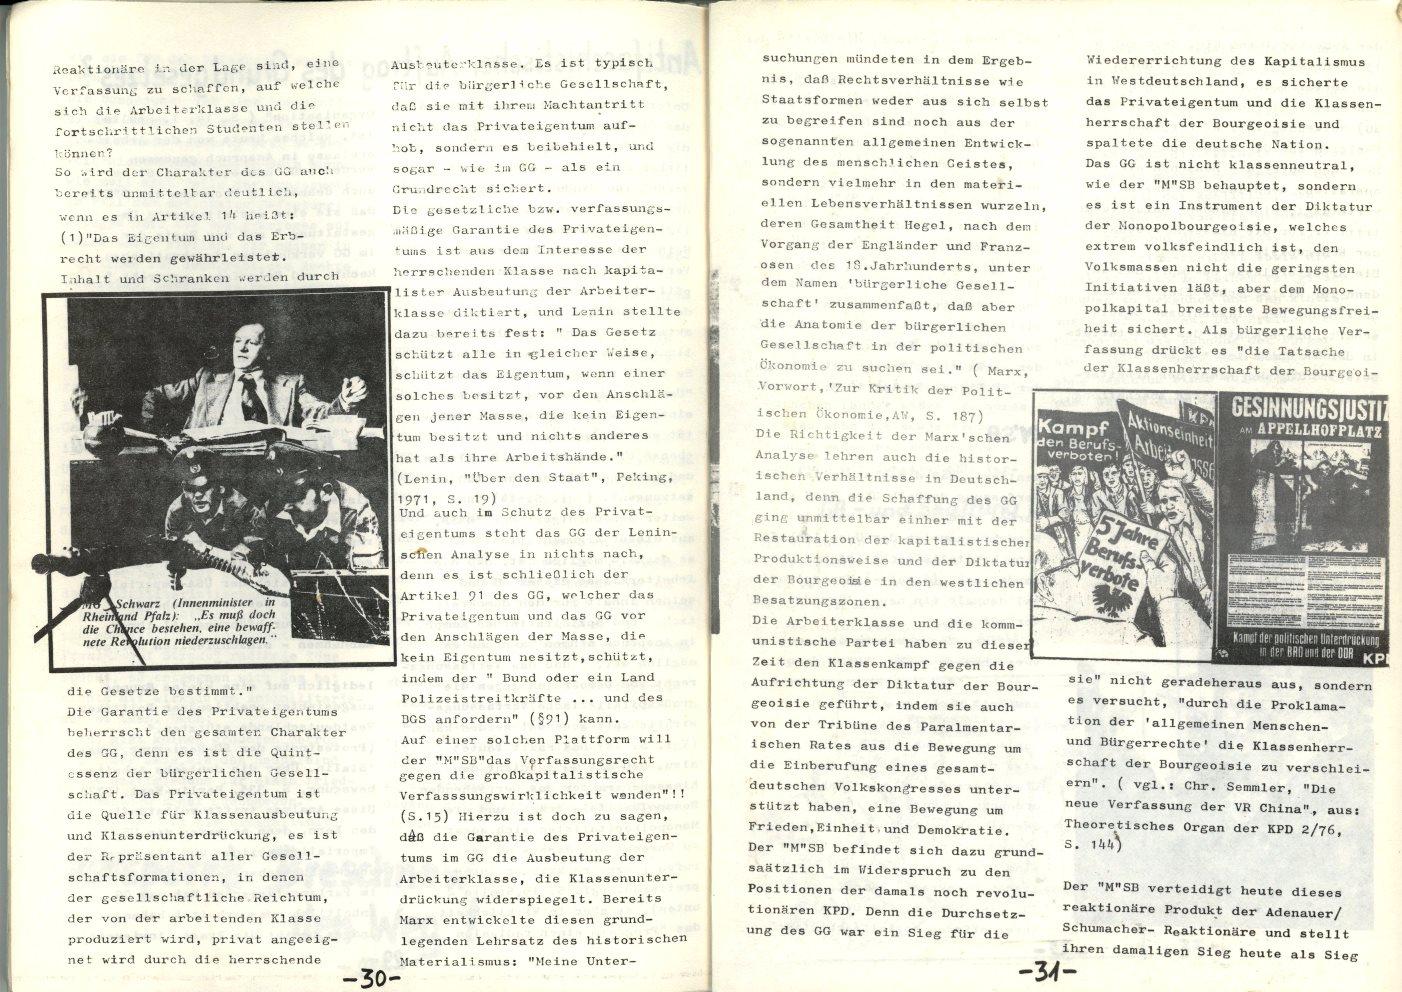 NRW_KSV_1977_Doku_zu_den_AStA_Wahlen_Nr_2_16